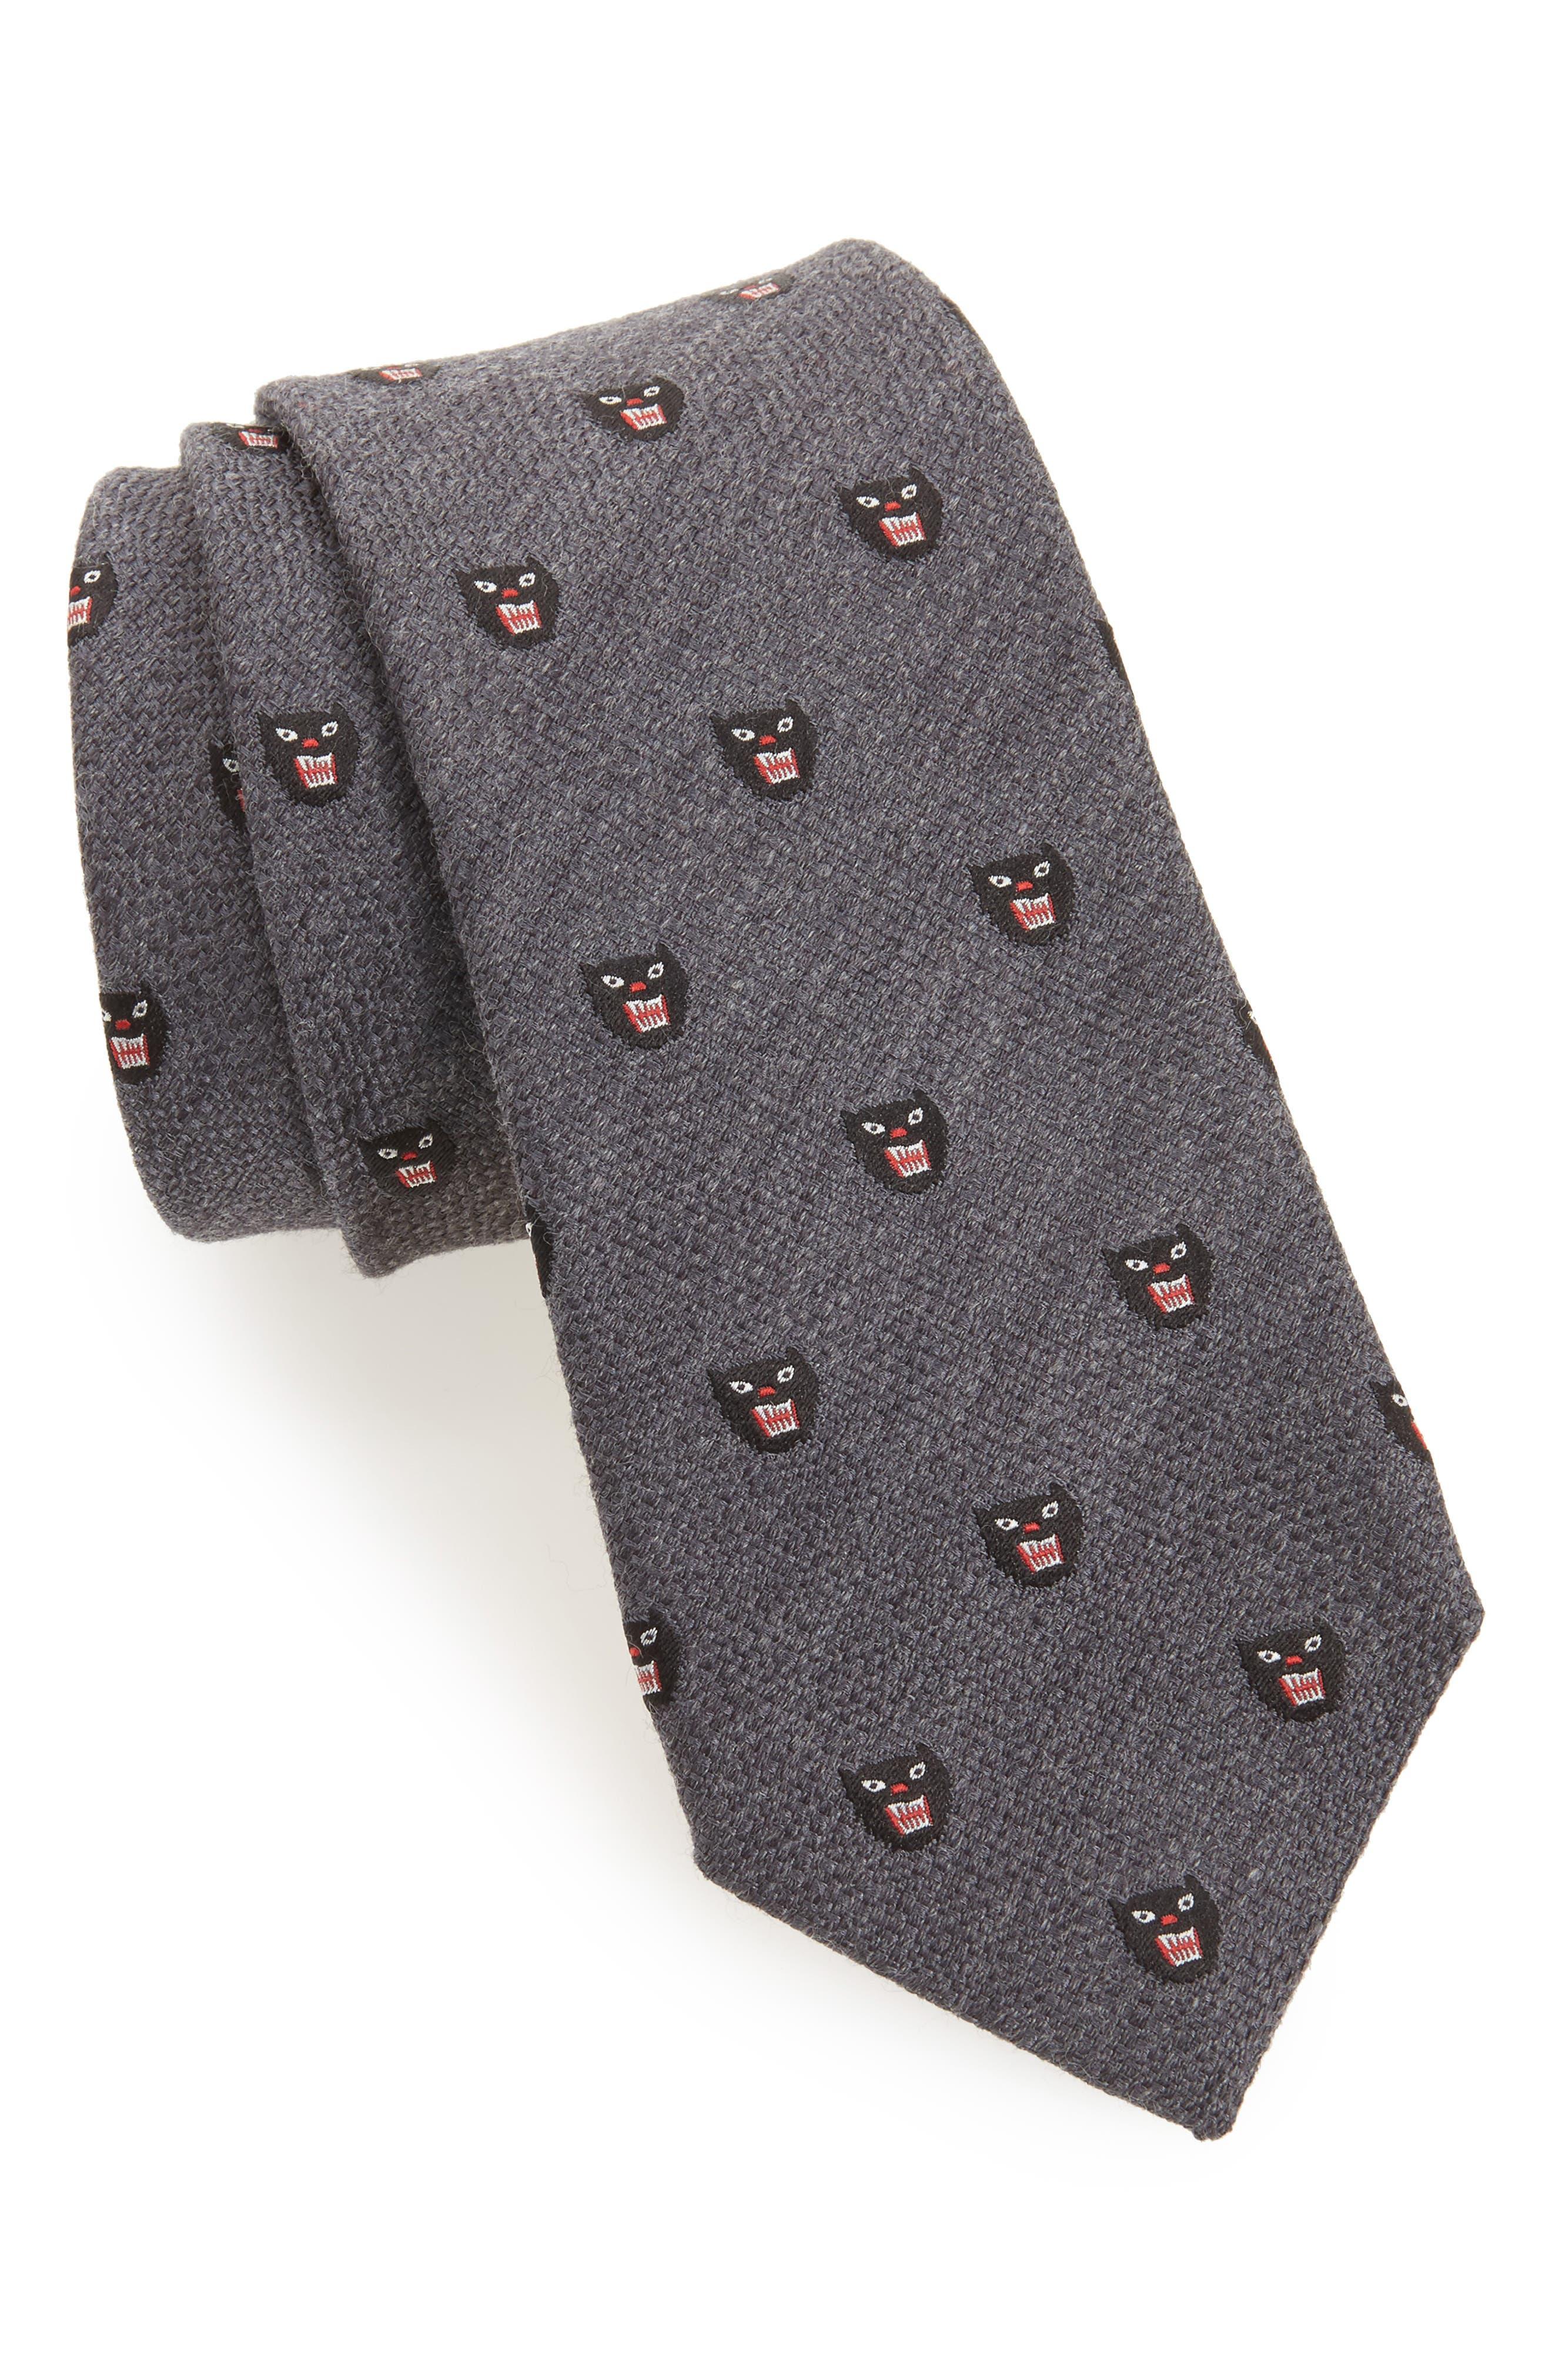 Gucci Puma Patch Jacquard Tie